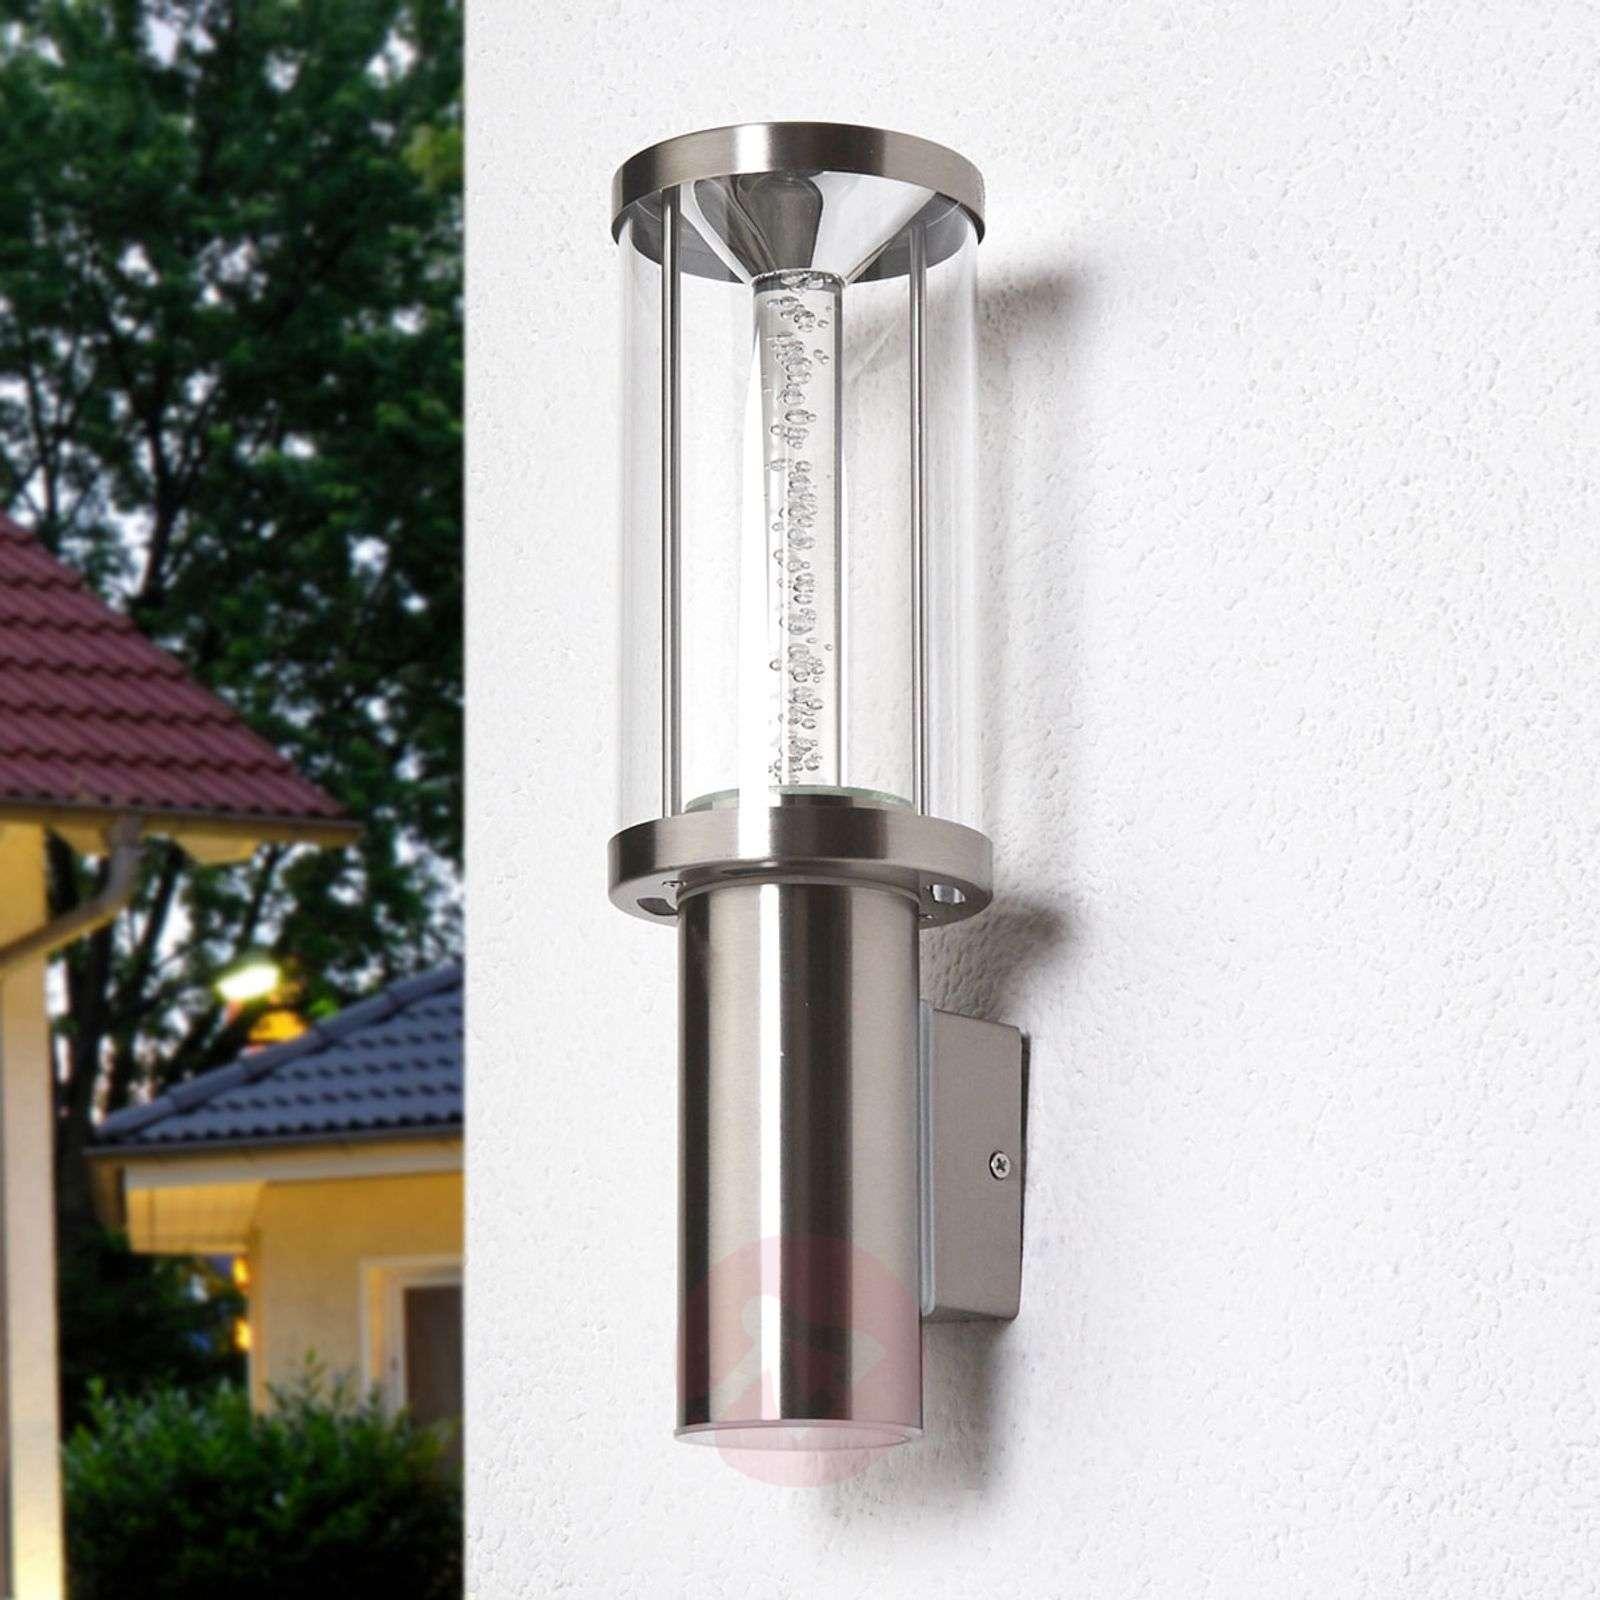 LED-ulkoseinälamppu Trono Stick-3000528-01